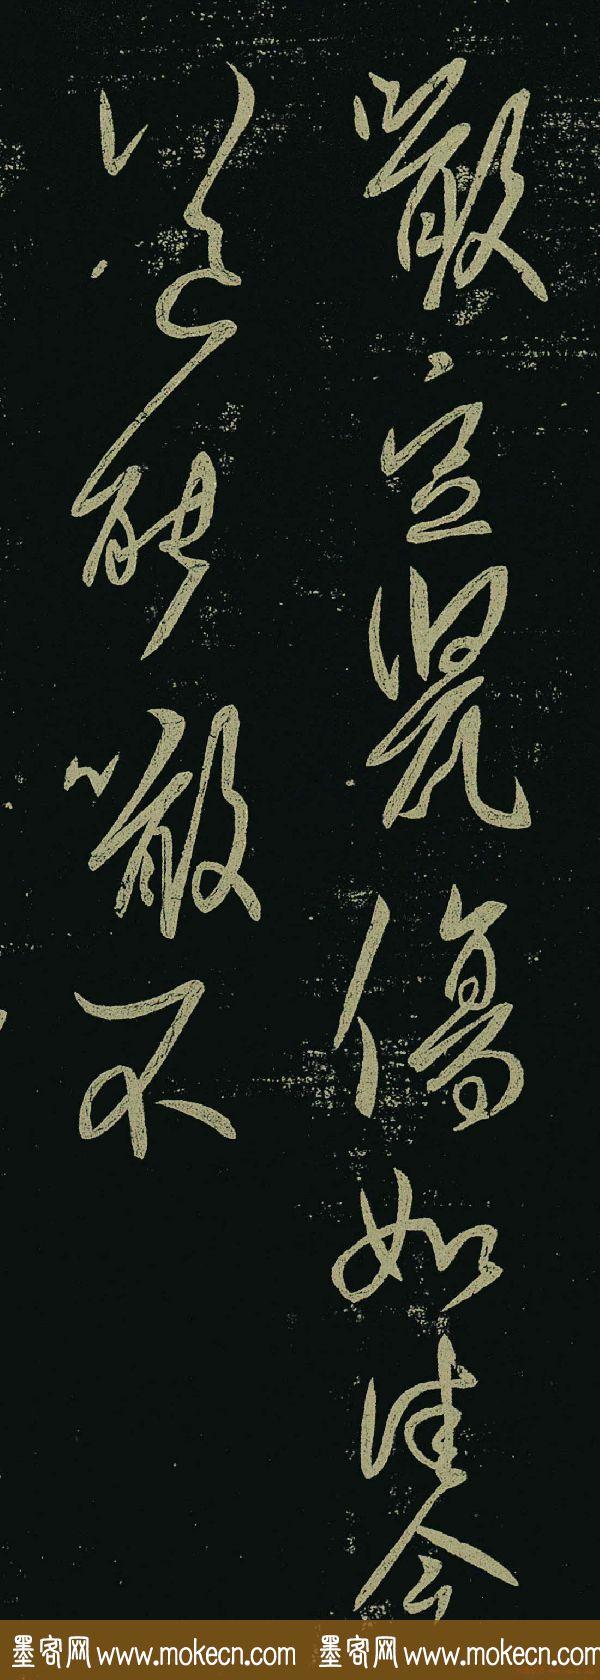 王羲之草书《啖豆鼠帖》